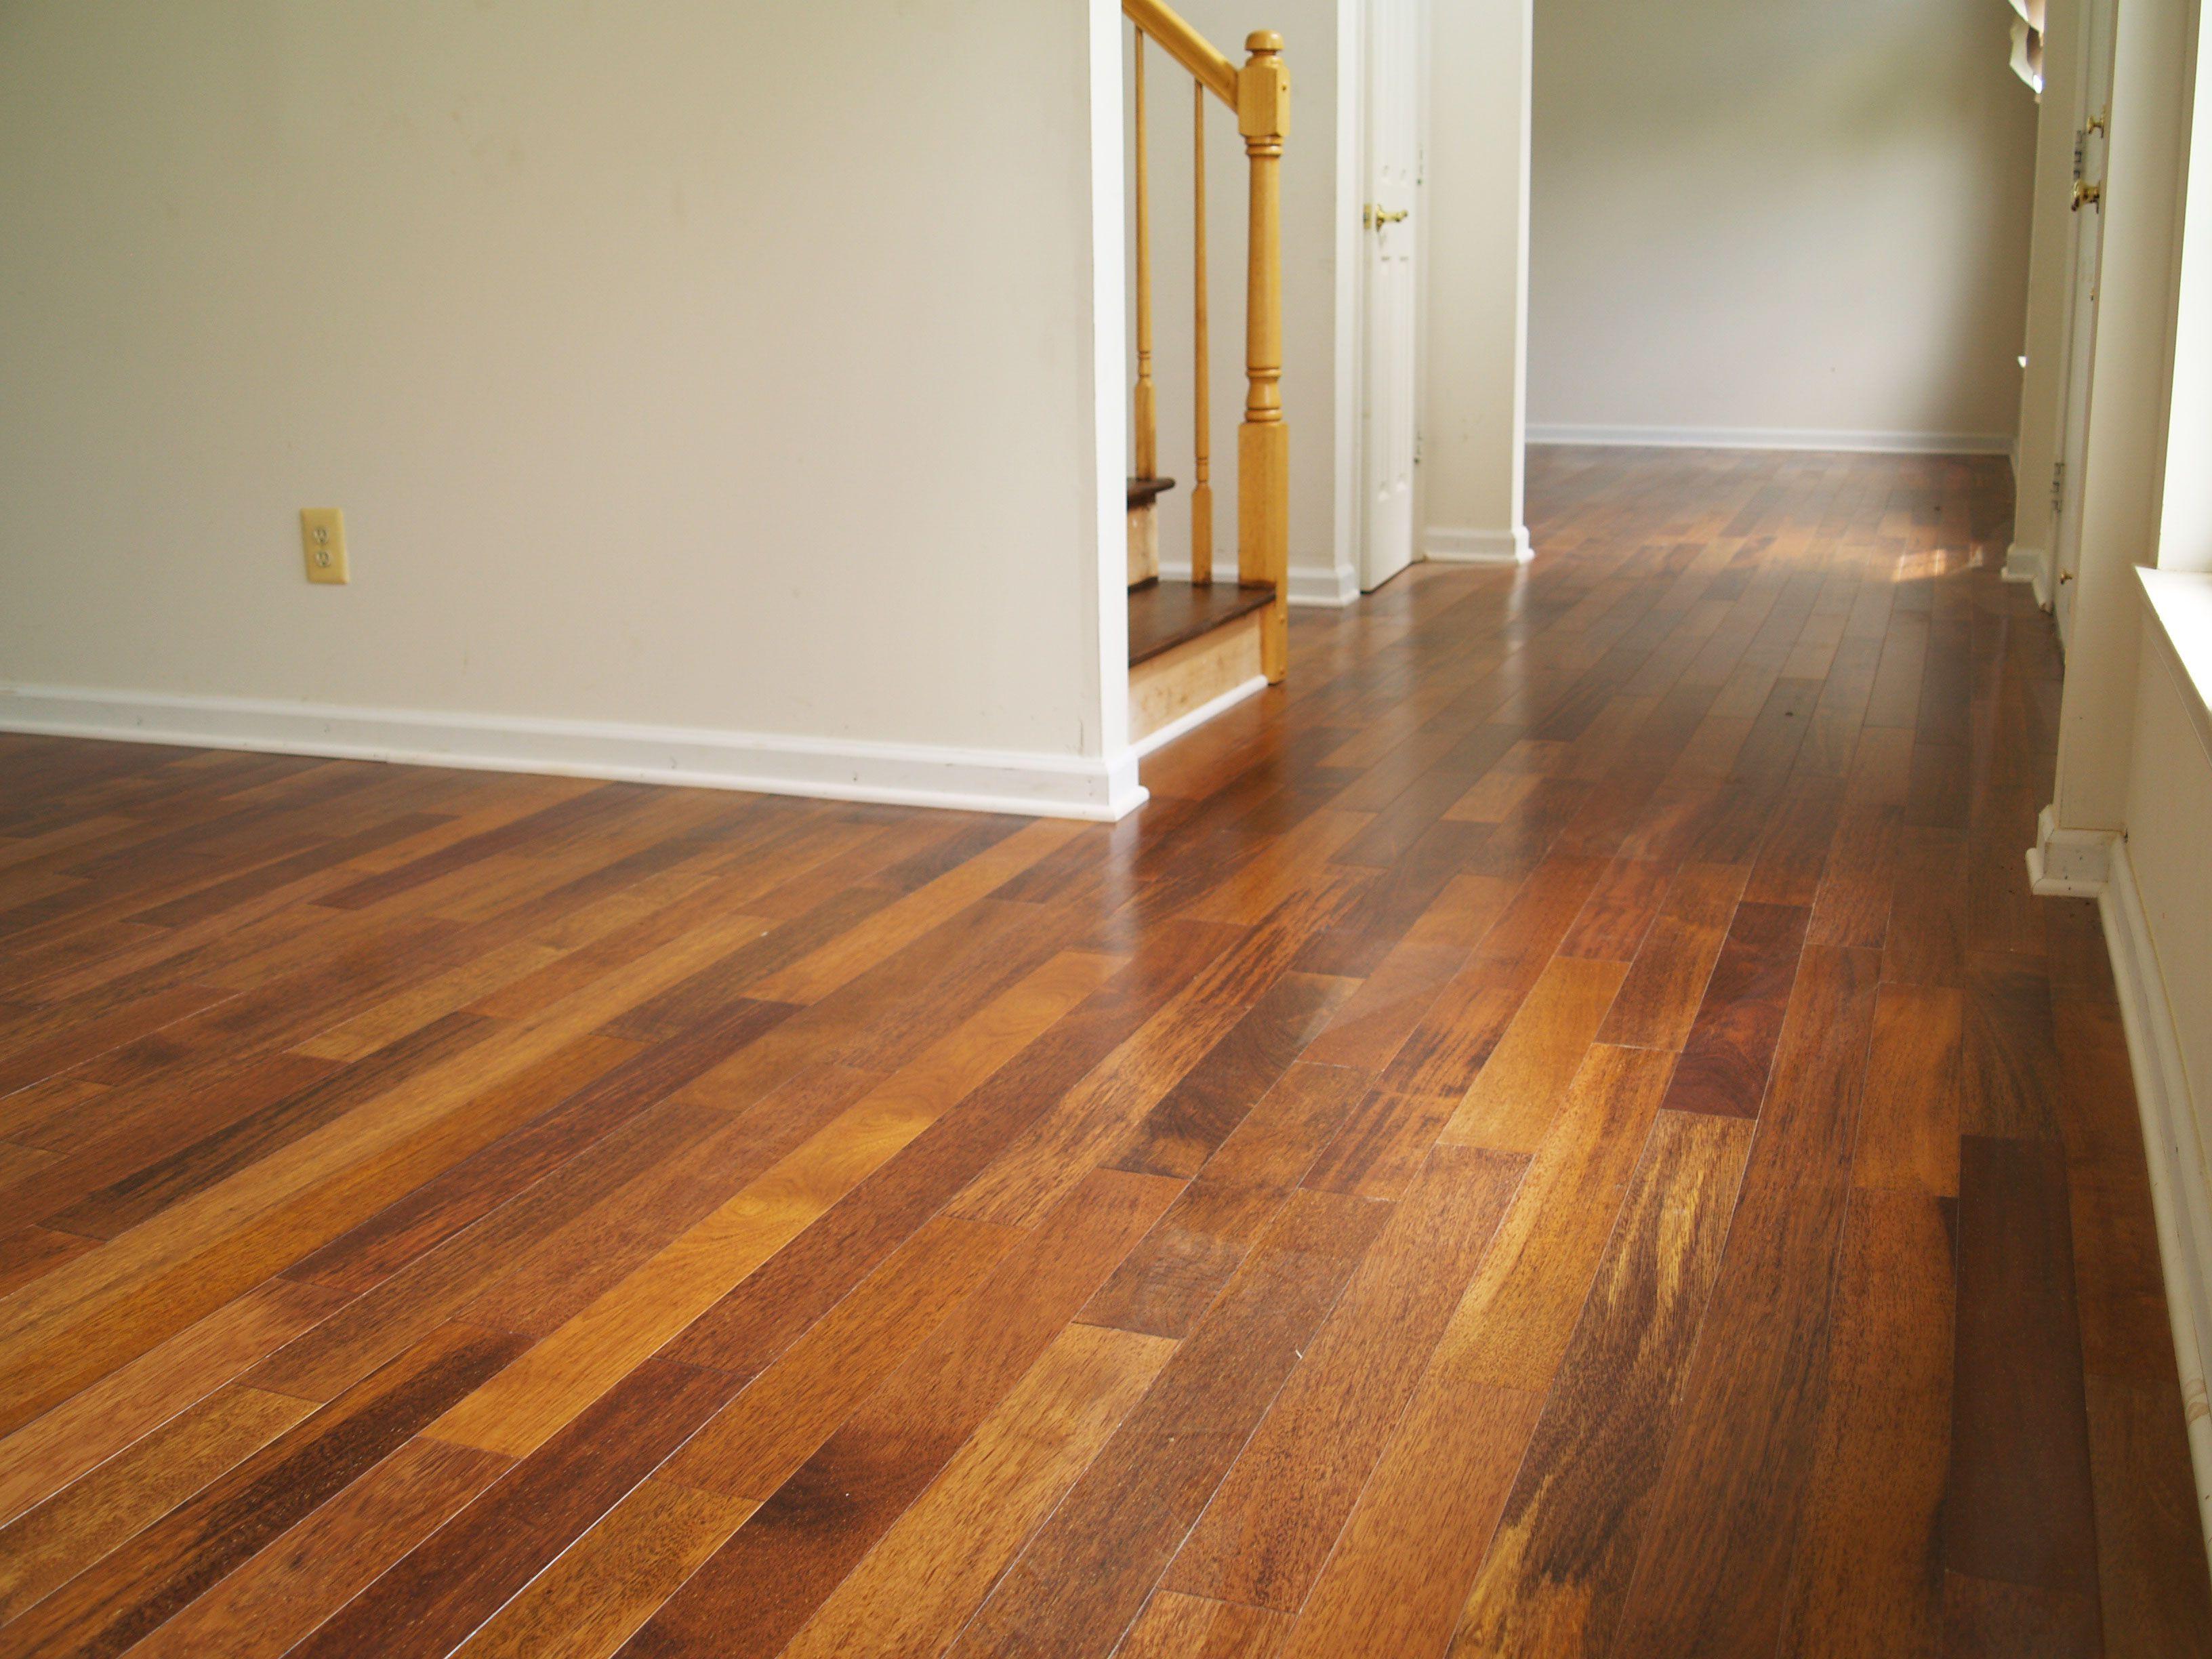 Merbau hardwood flooring. New Jersey Hardwood floors